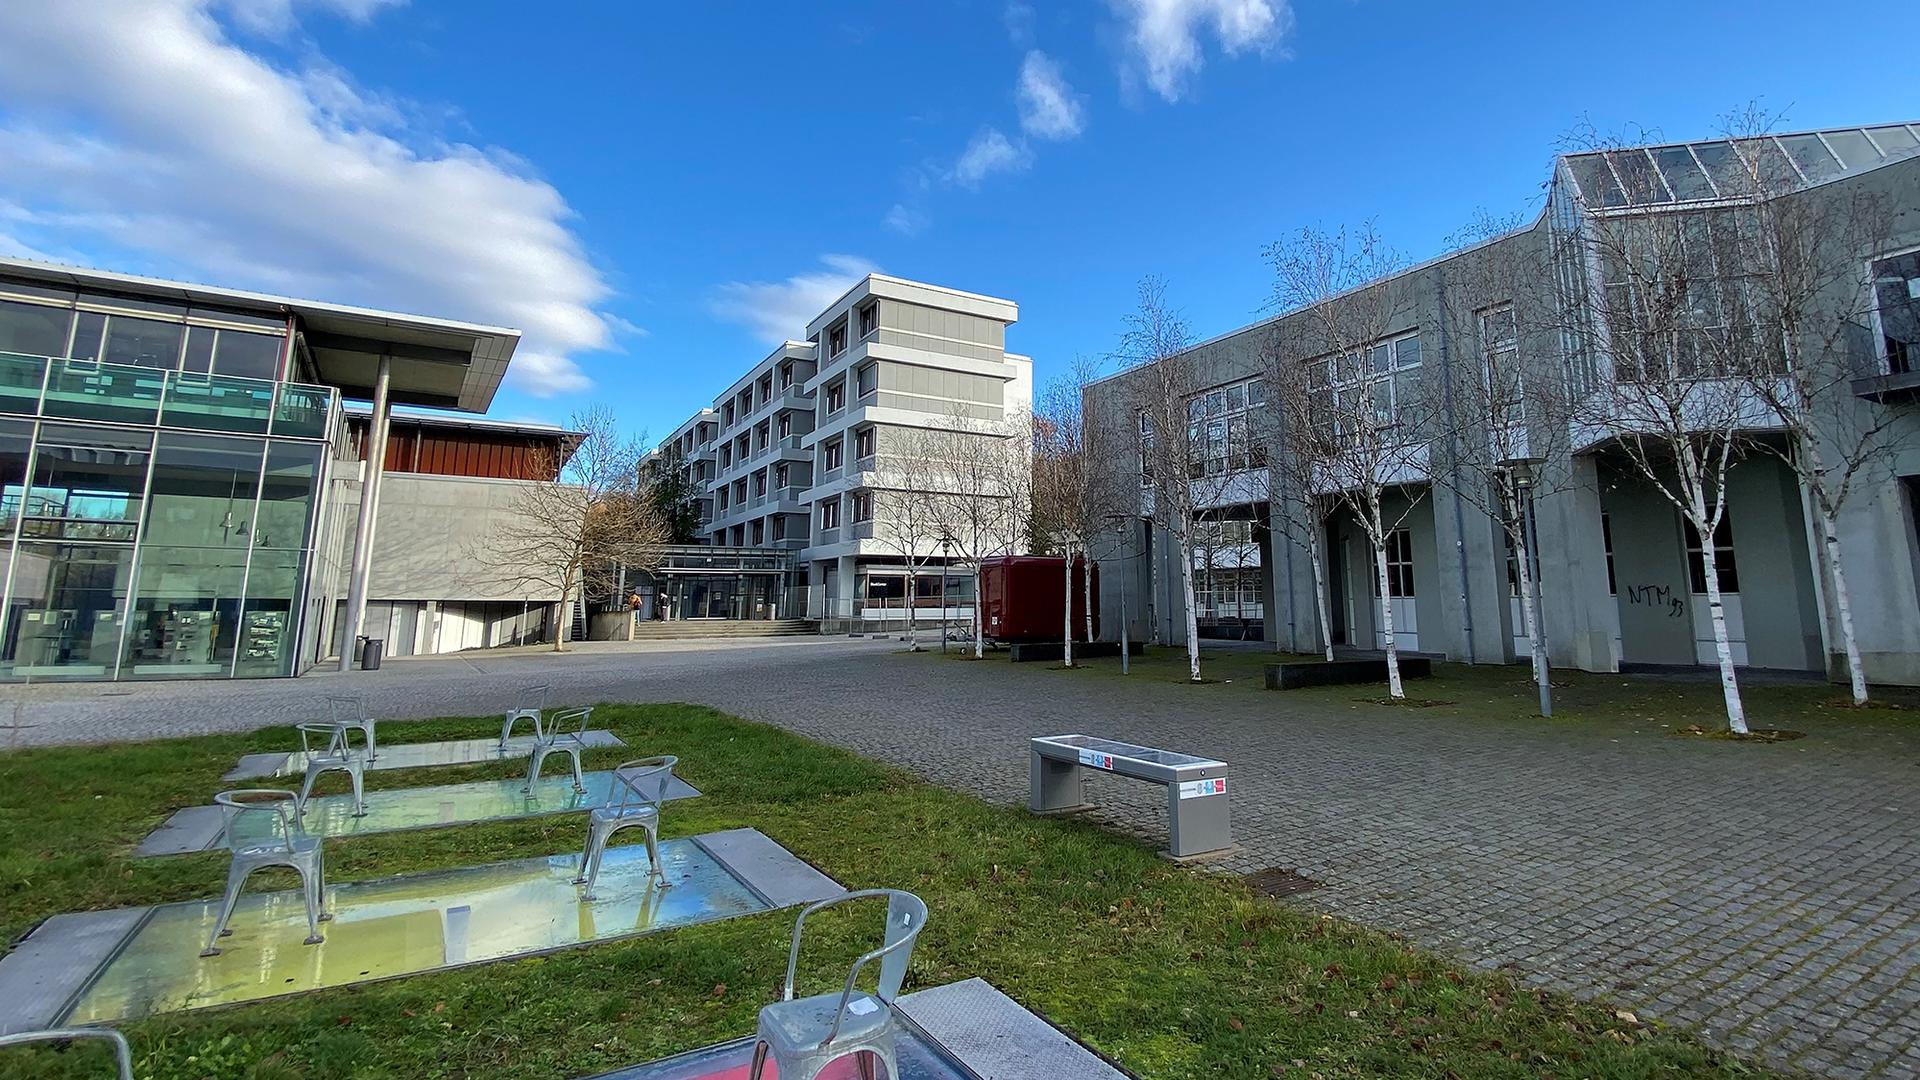 Hochschule Pforzheim mit Bibliotheksbau (links), Fakultät für Wirtschaft (hinten) und Rekoratsgebäude rechts. Im Vordergrund Kunst am Bau.